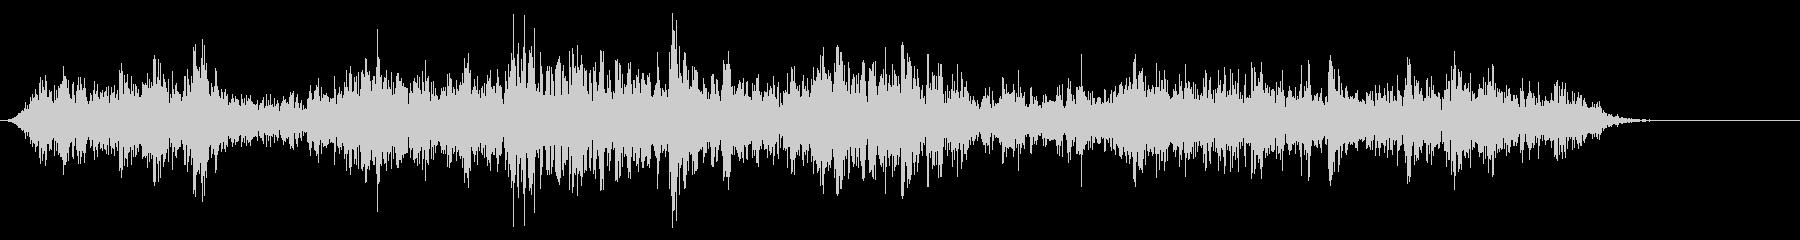 [生音]ビー玉が転がる01(ロング)の未再生の波形